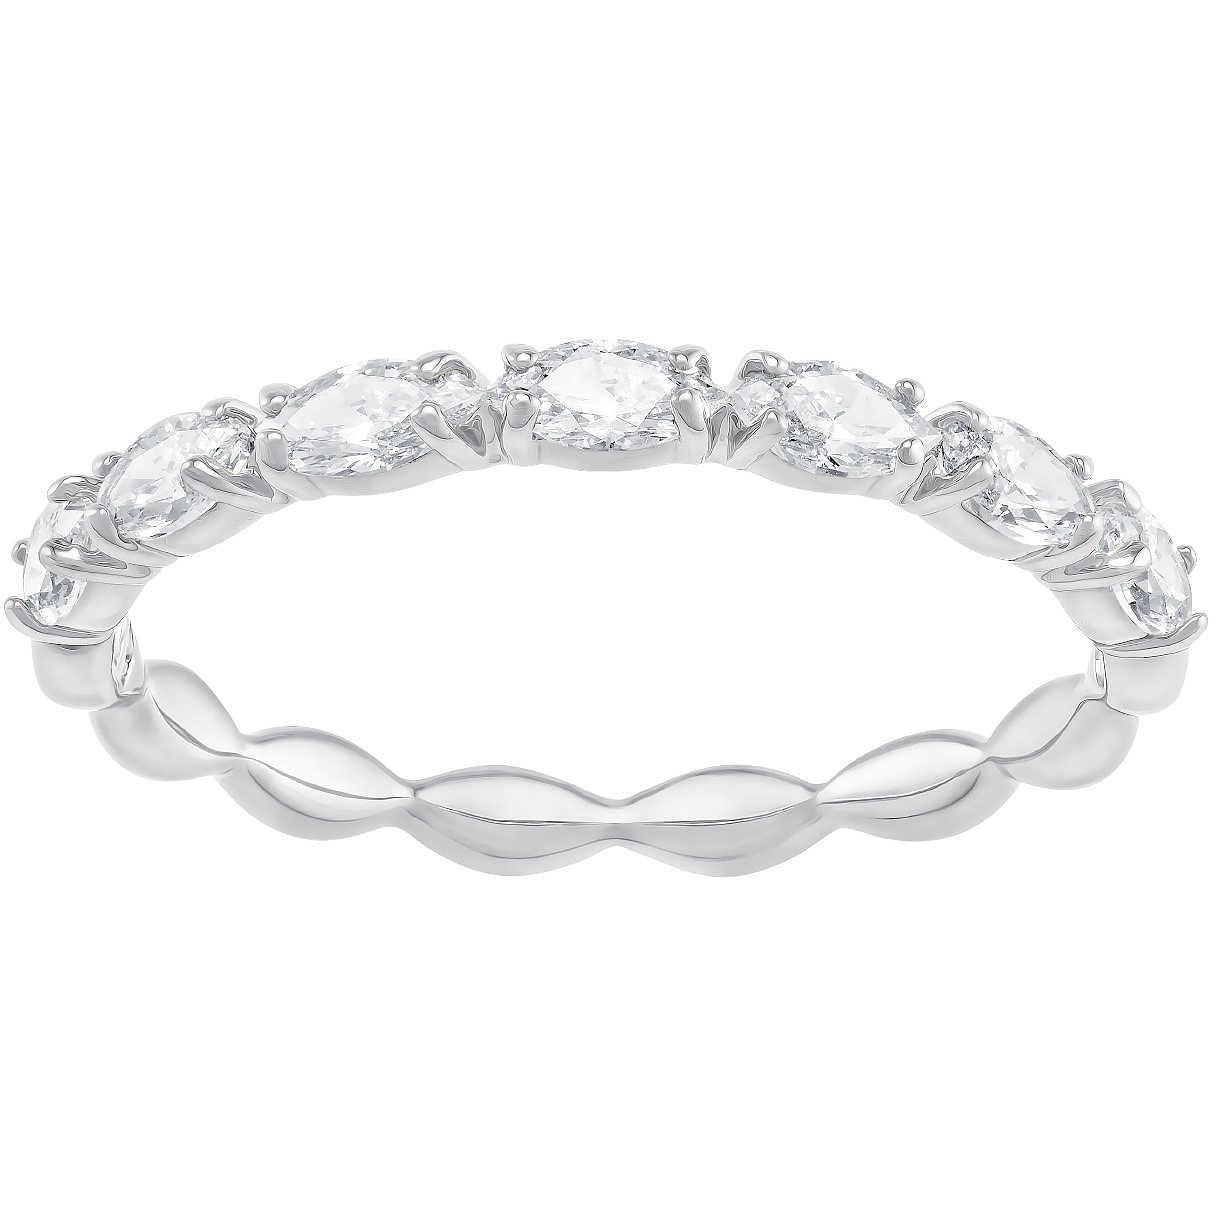 Miglior prezzo negozio online sconto fino al 60% anello donna gioielli Swarovski Vittore 5354786